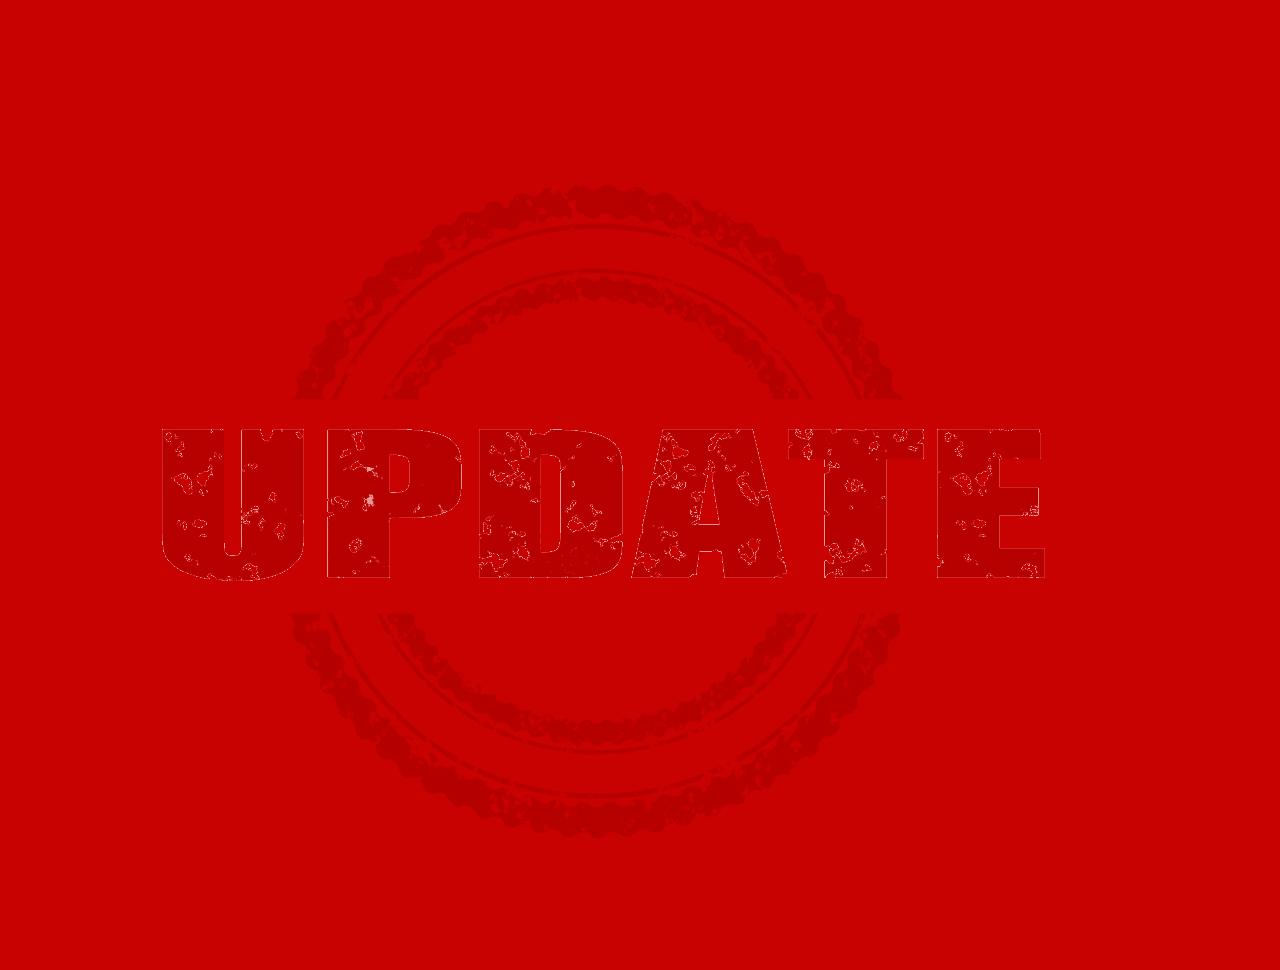 Termin-Update: Erste-Hilfe-Kurs am 07.09.2019 2